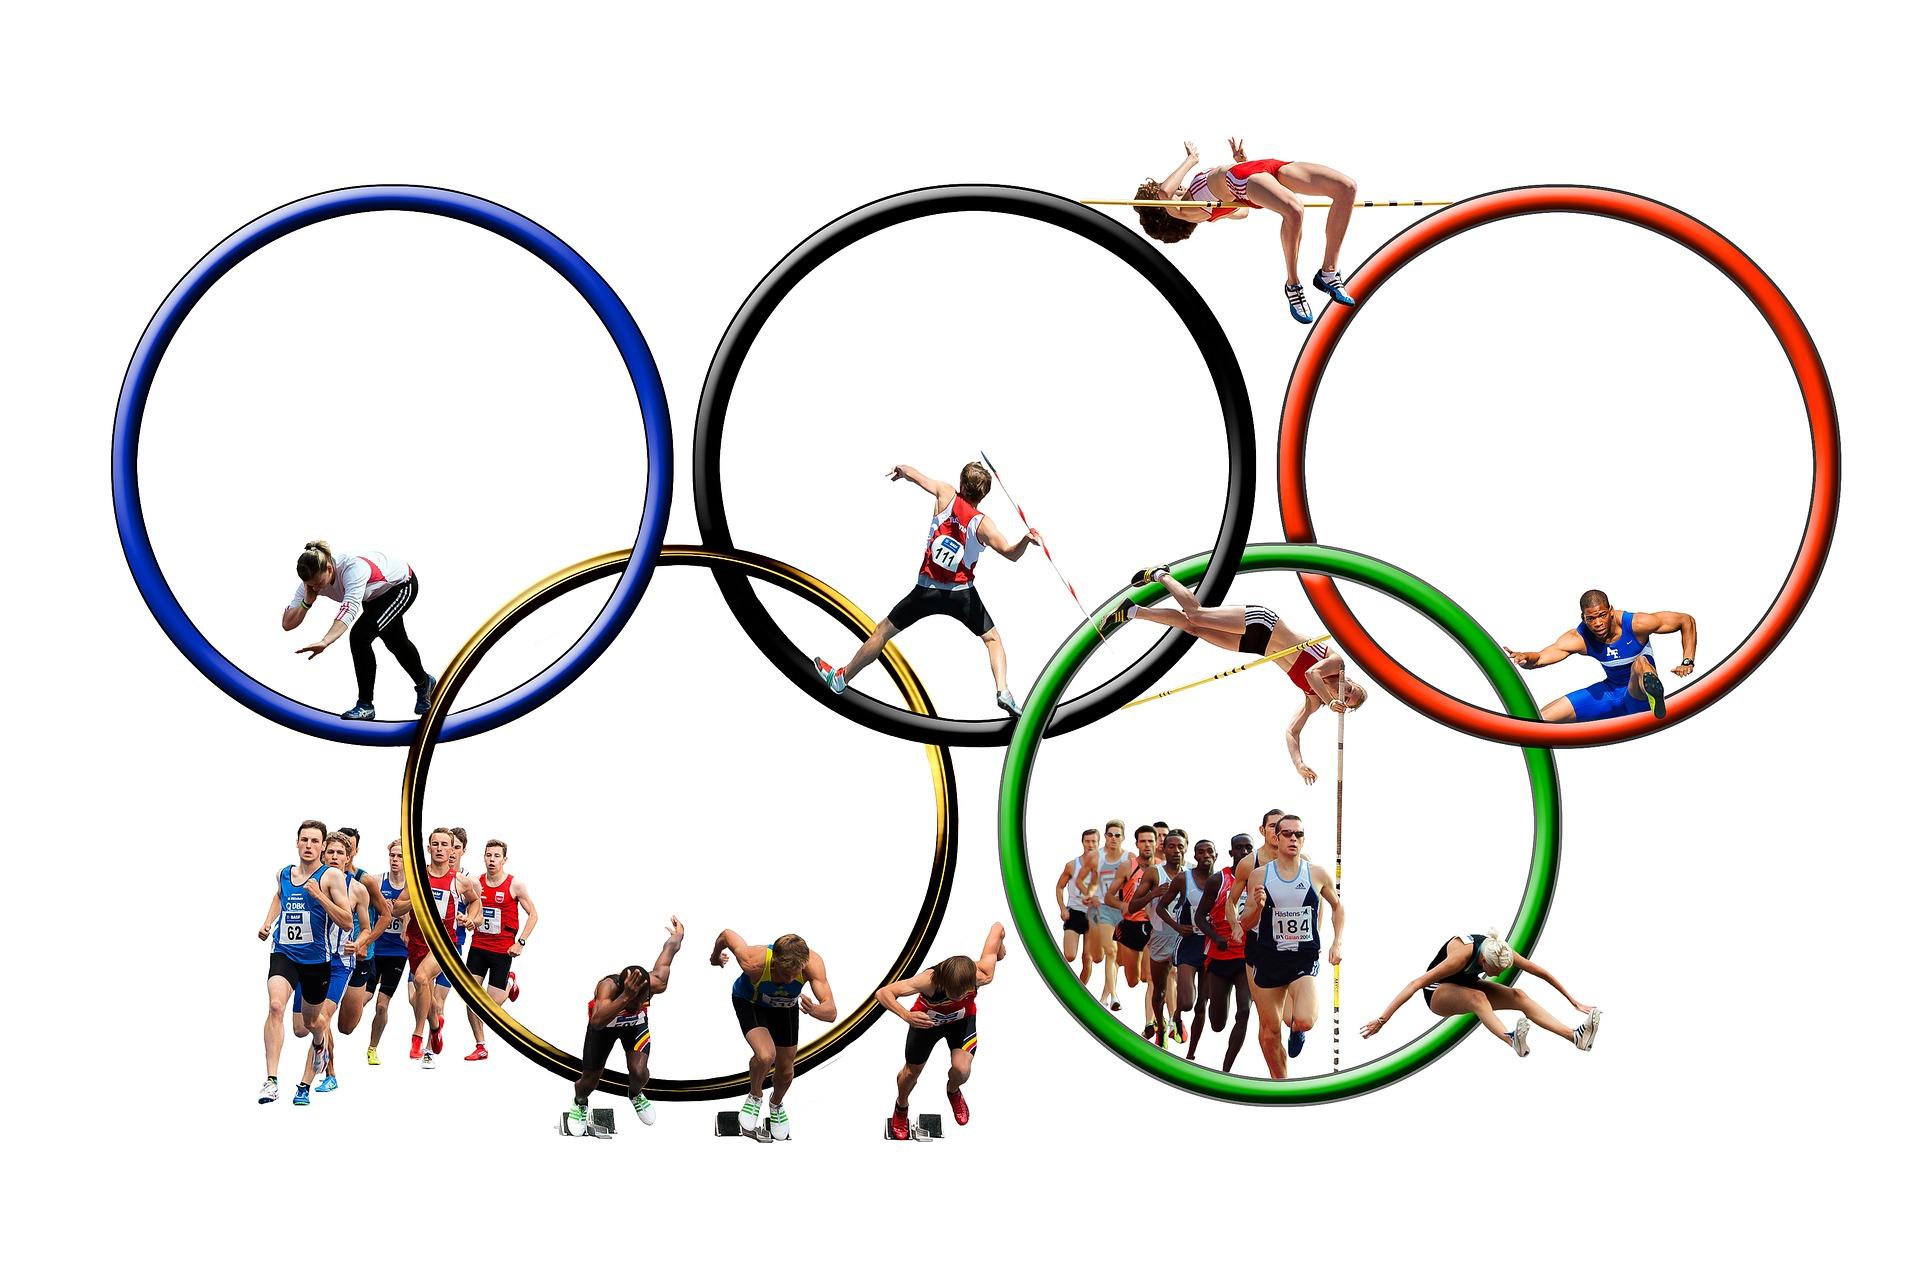 alexa juegos olímpicos